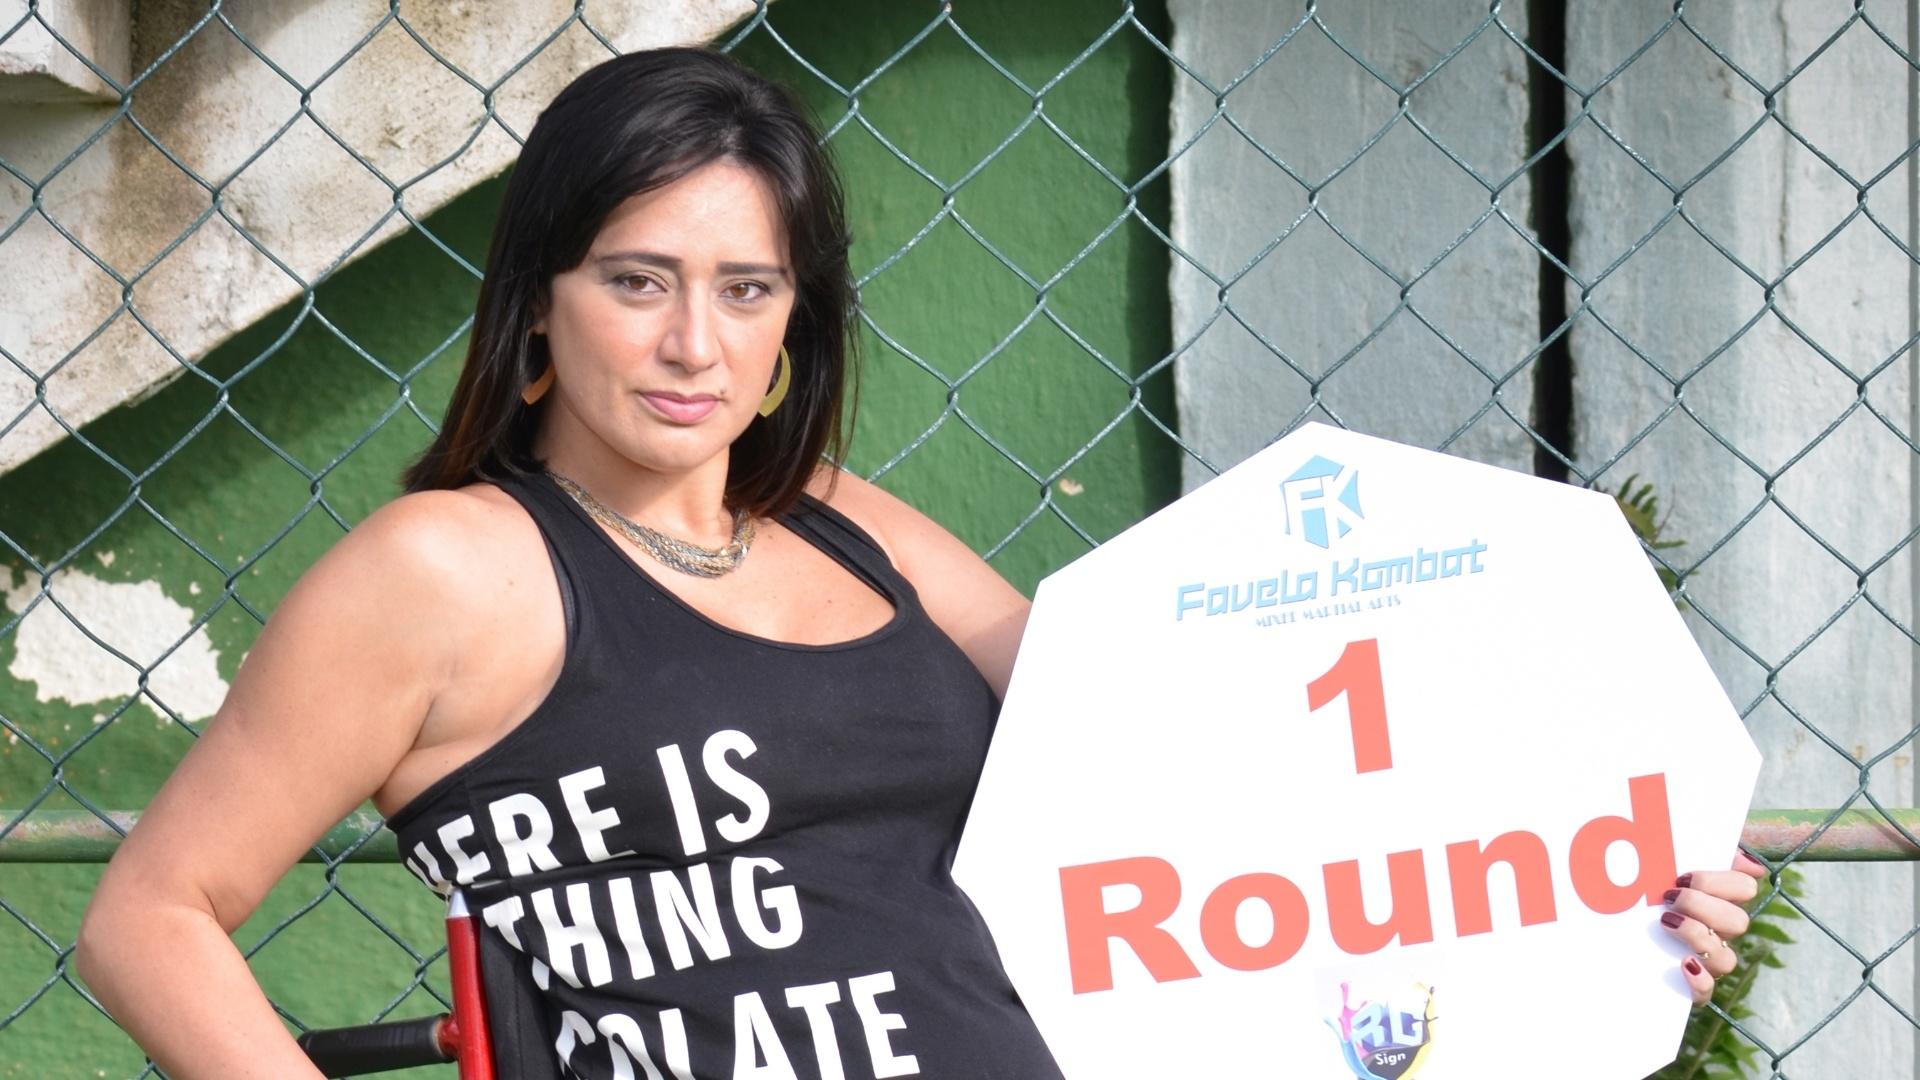 20.05.2015 - 20.05.2015 - A cadeirante Vanessa Pimentel será ring girl no Favela Kombat, em mais uma tentativa do evento de